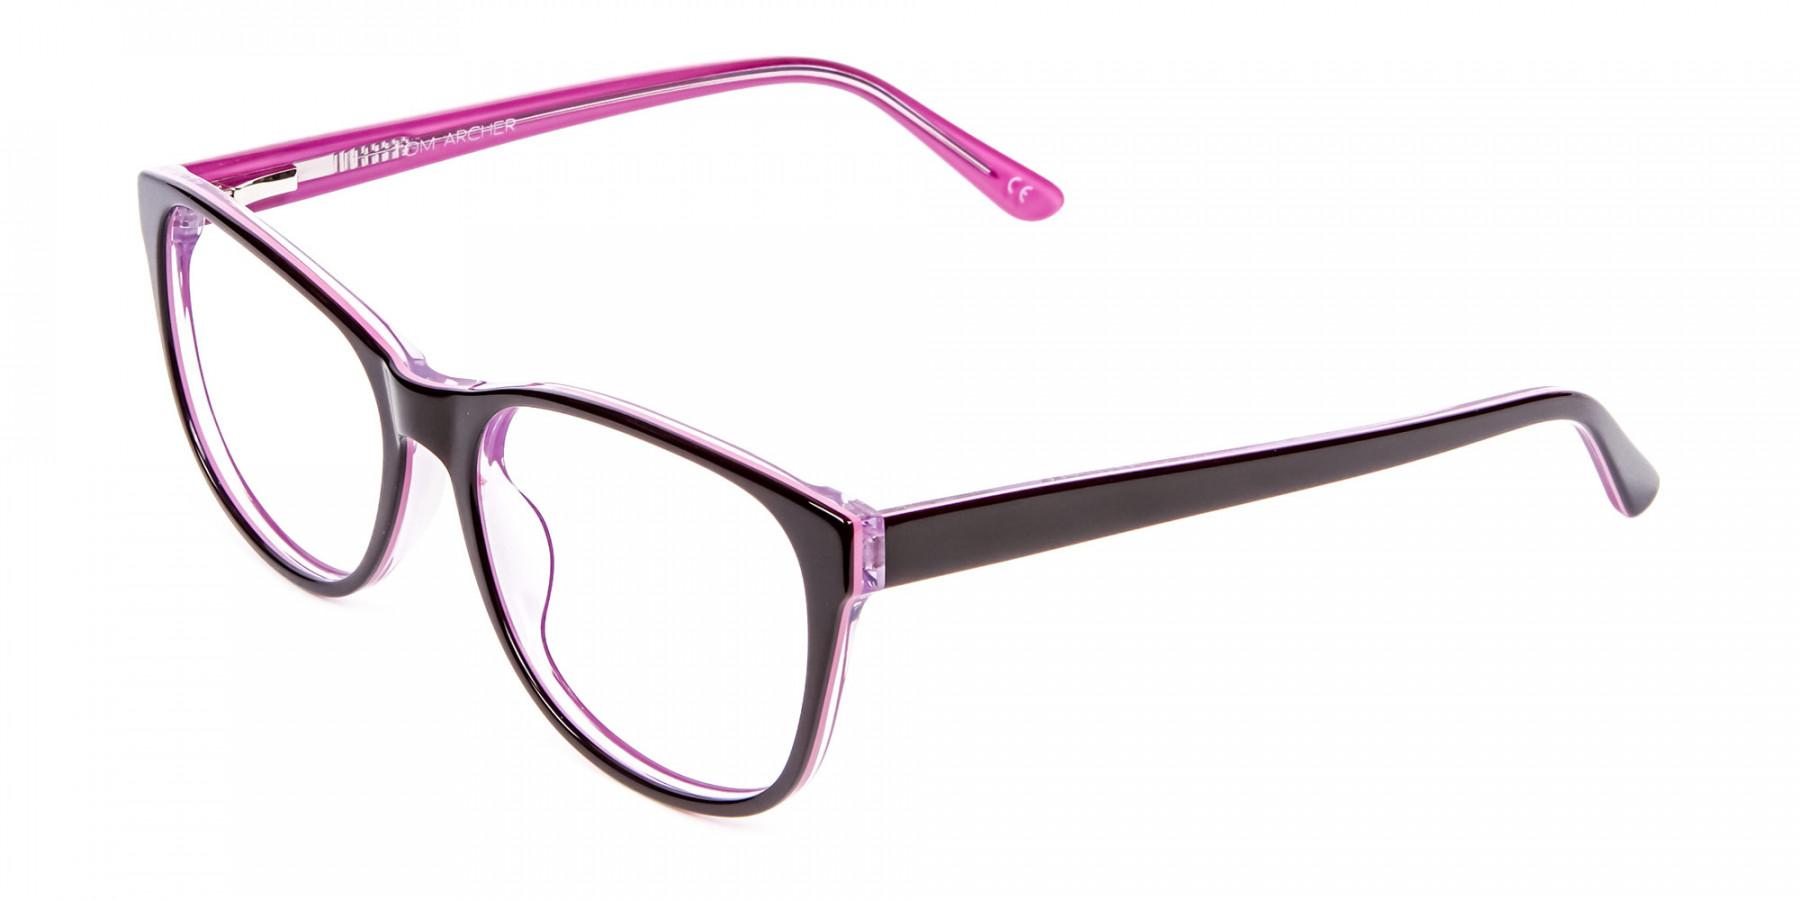 Black & Shocking Pink -1